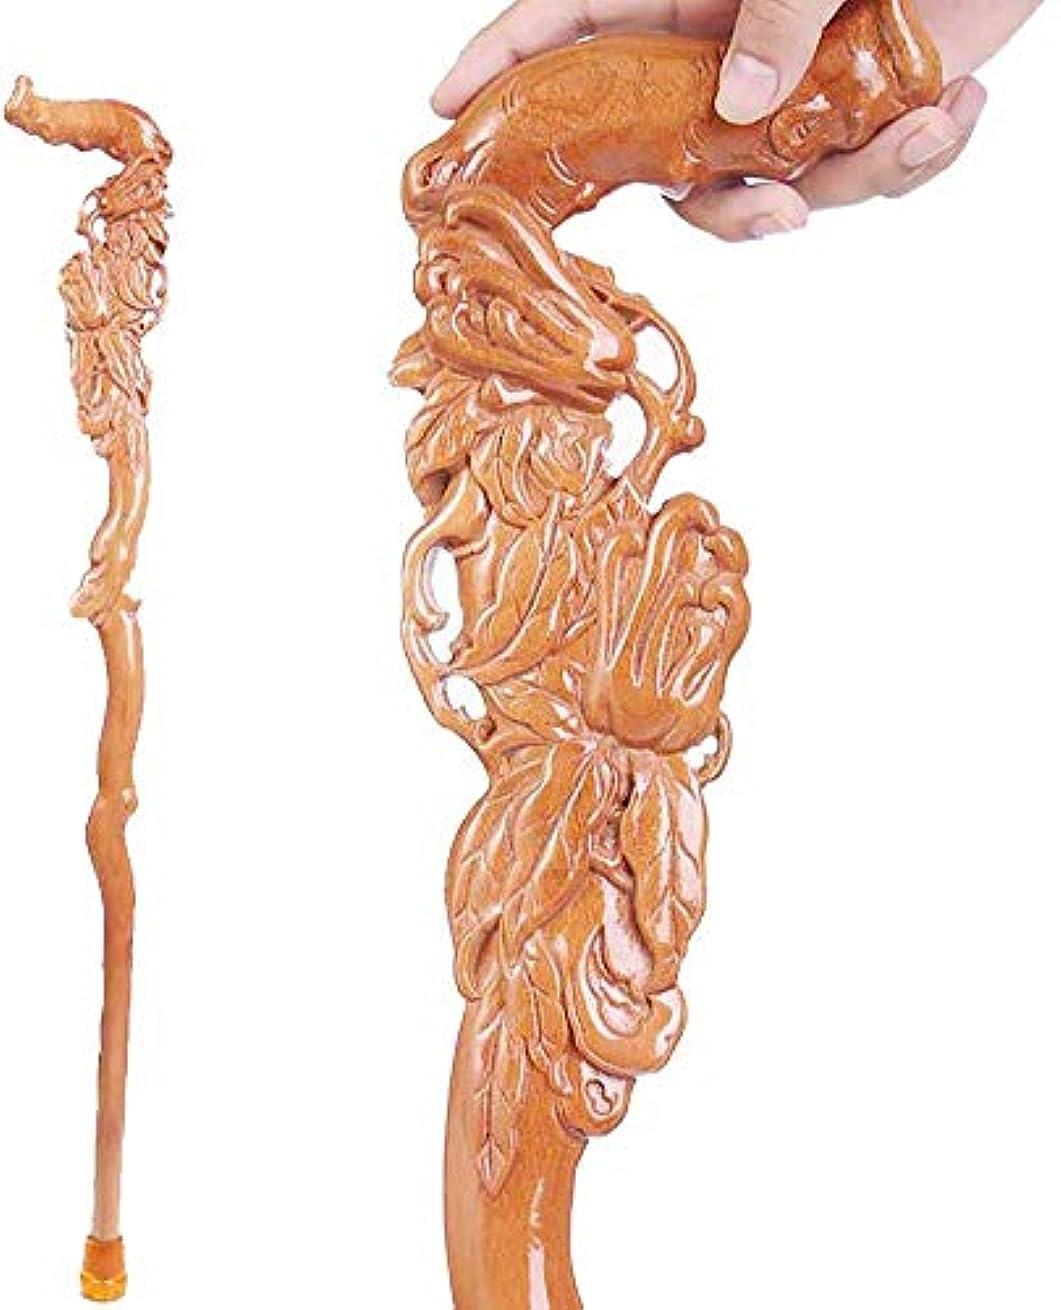 主観的オリエンテーション未亡人木製杖、手彫り松葉杖ウォーキングギフト、男性と女性90 cmのファッショナブルな頑丈な安定